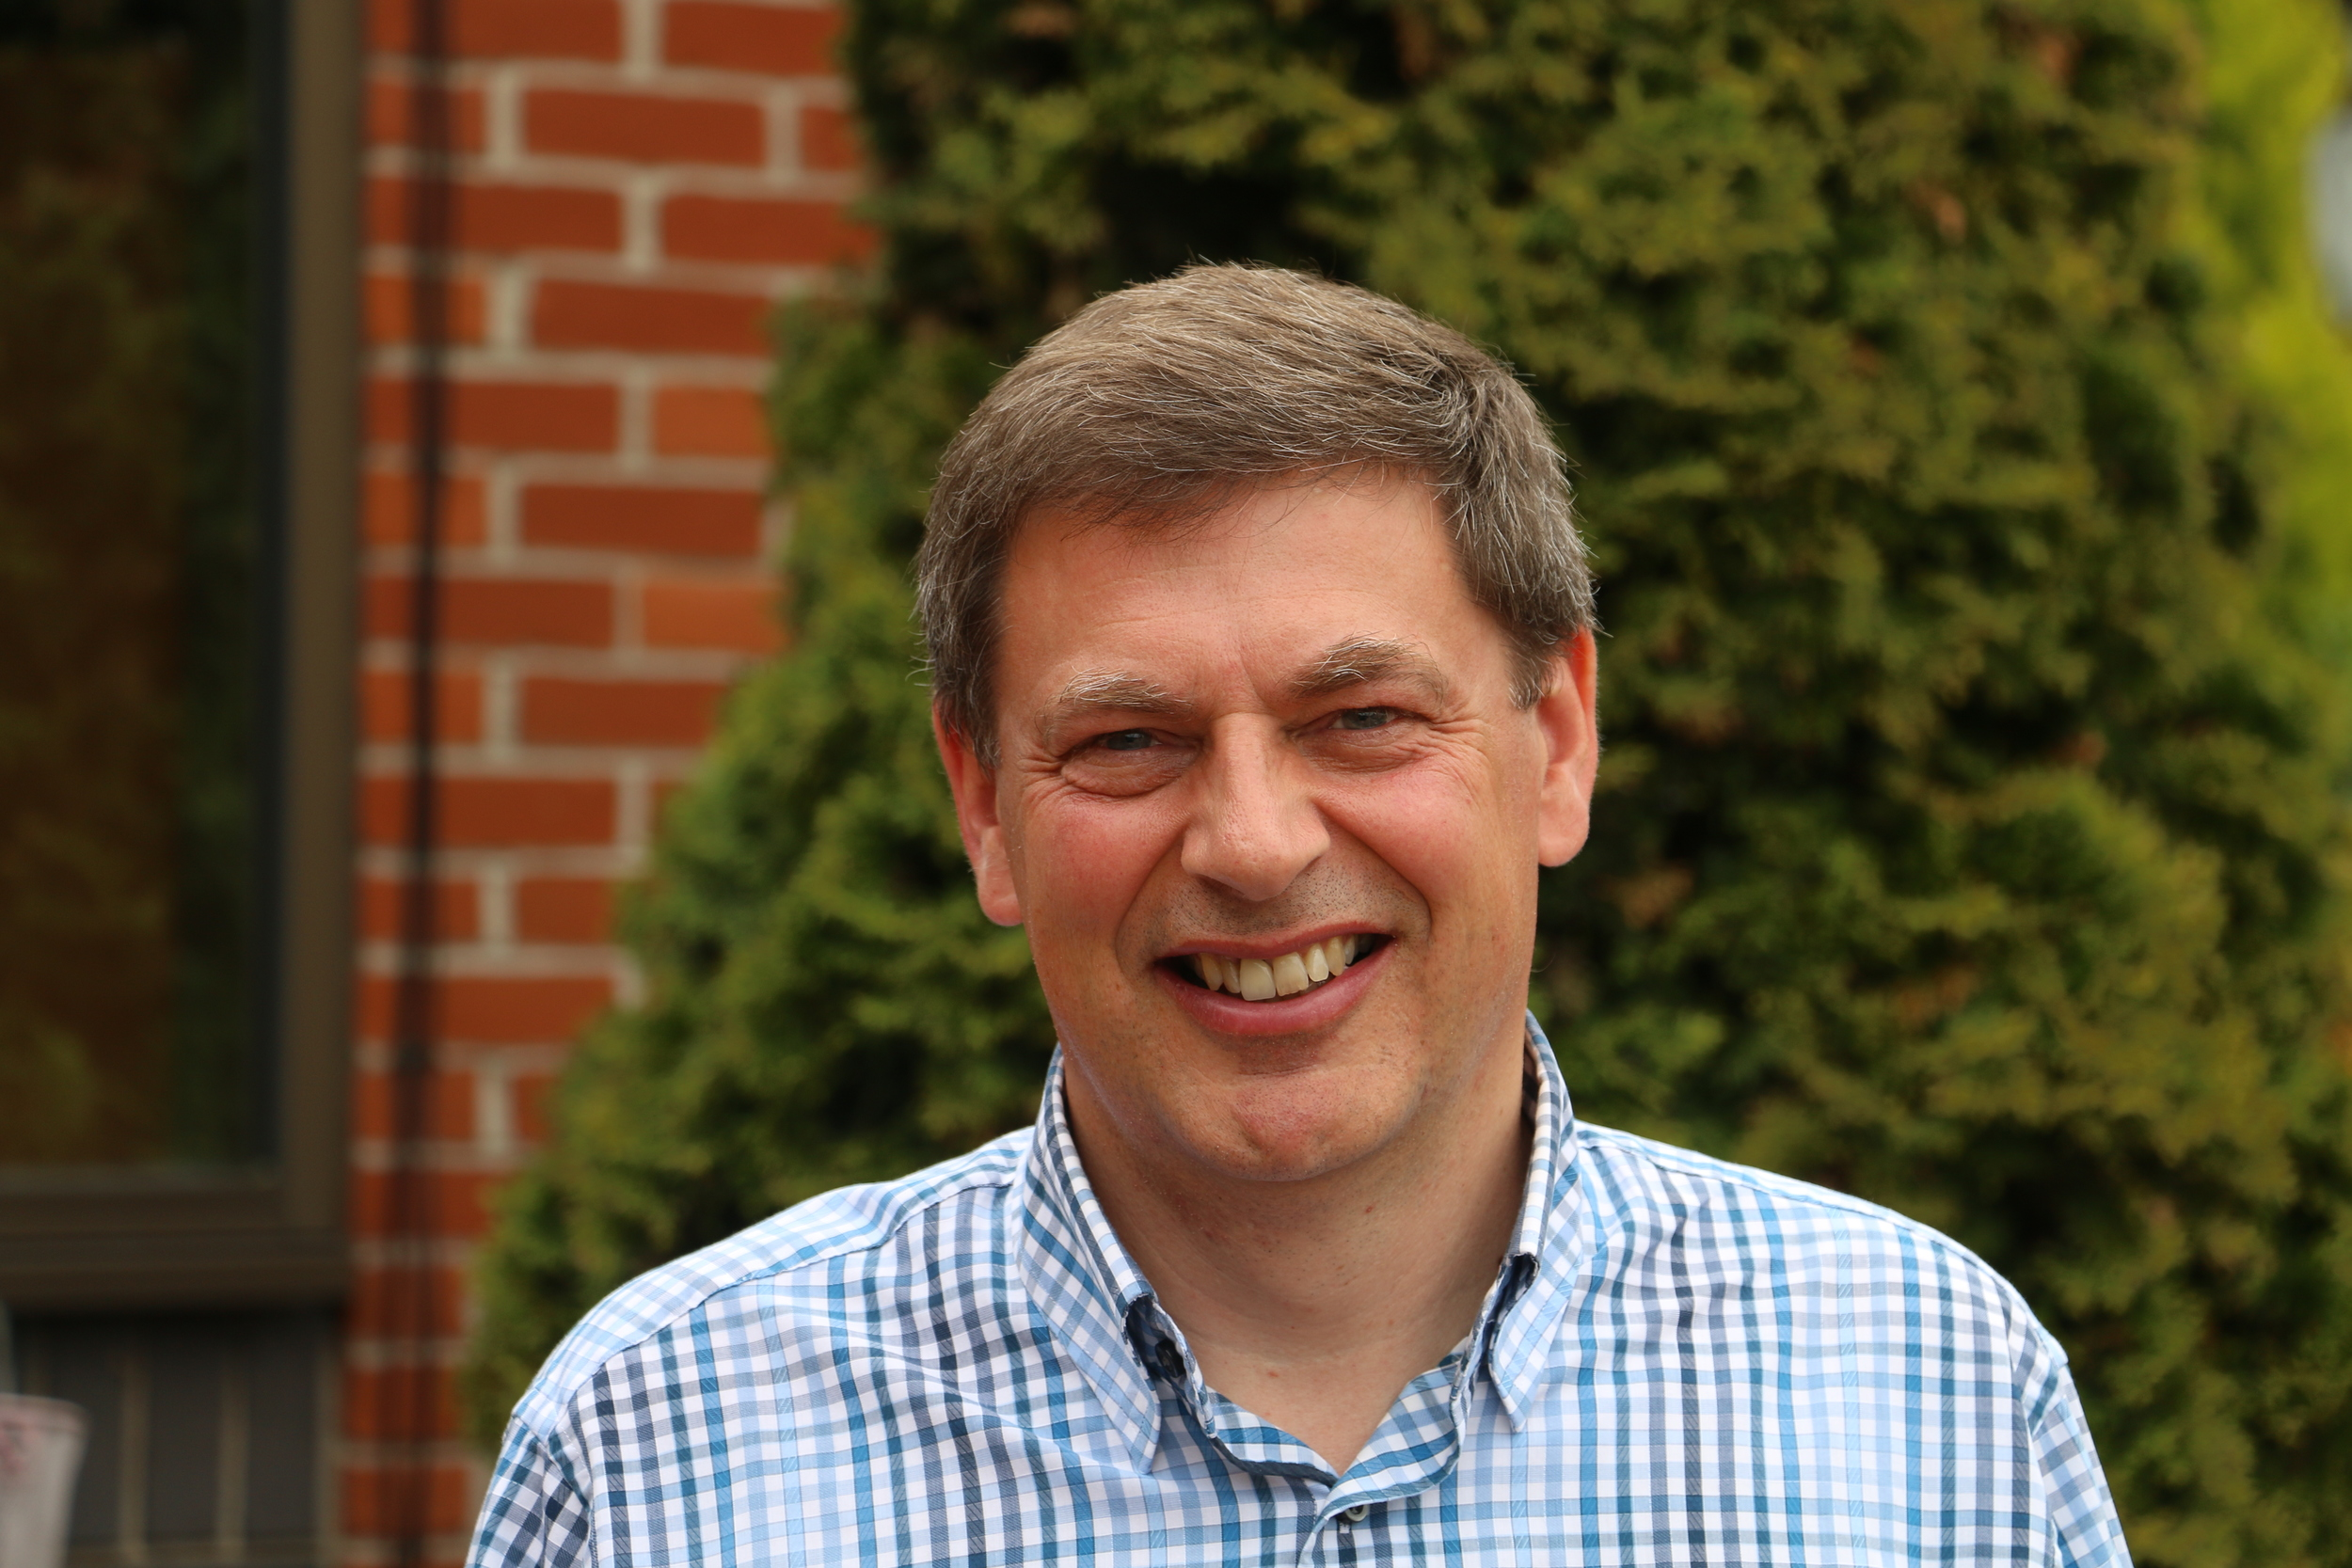 Alistair Poustie, Lay Elder